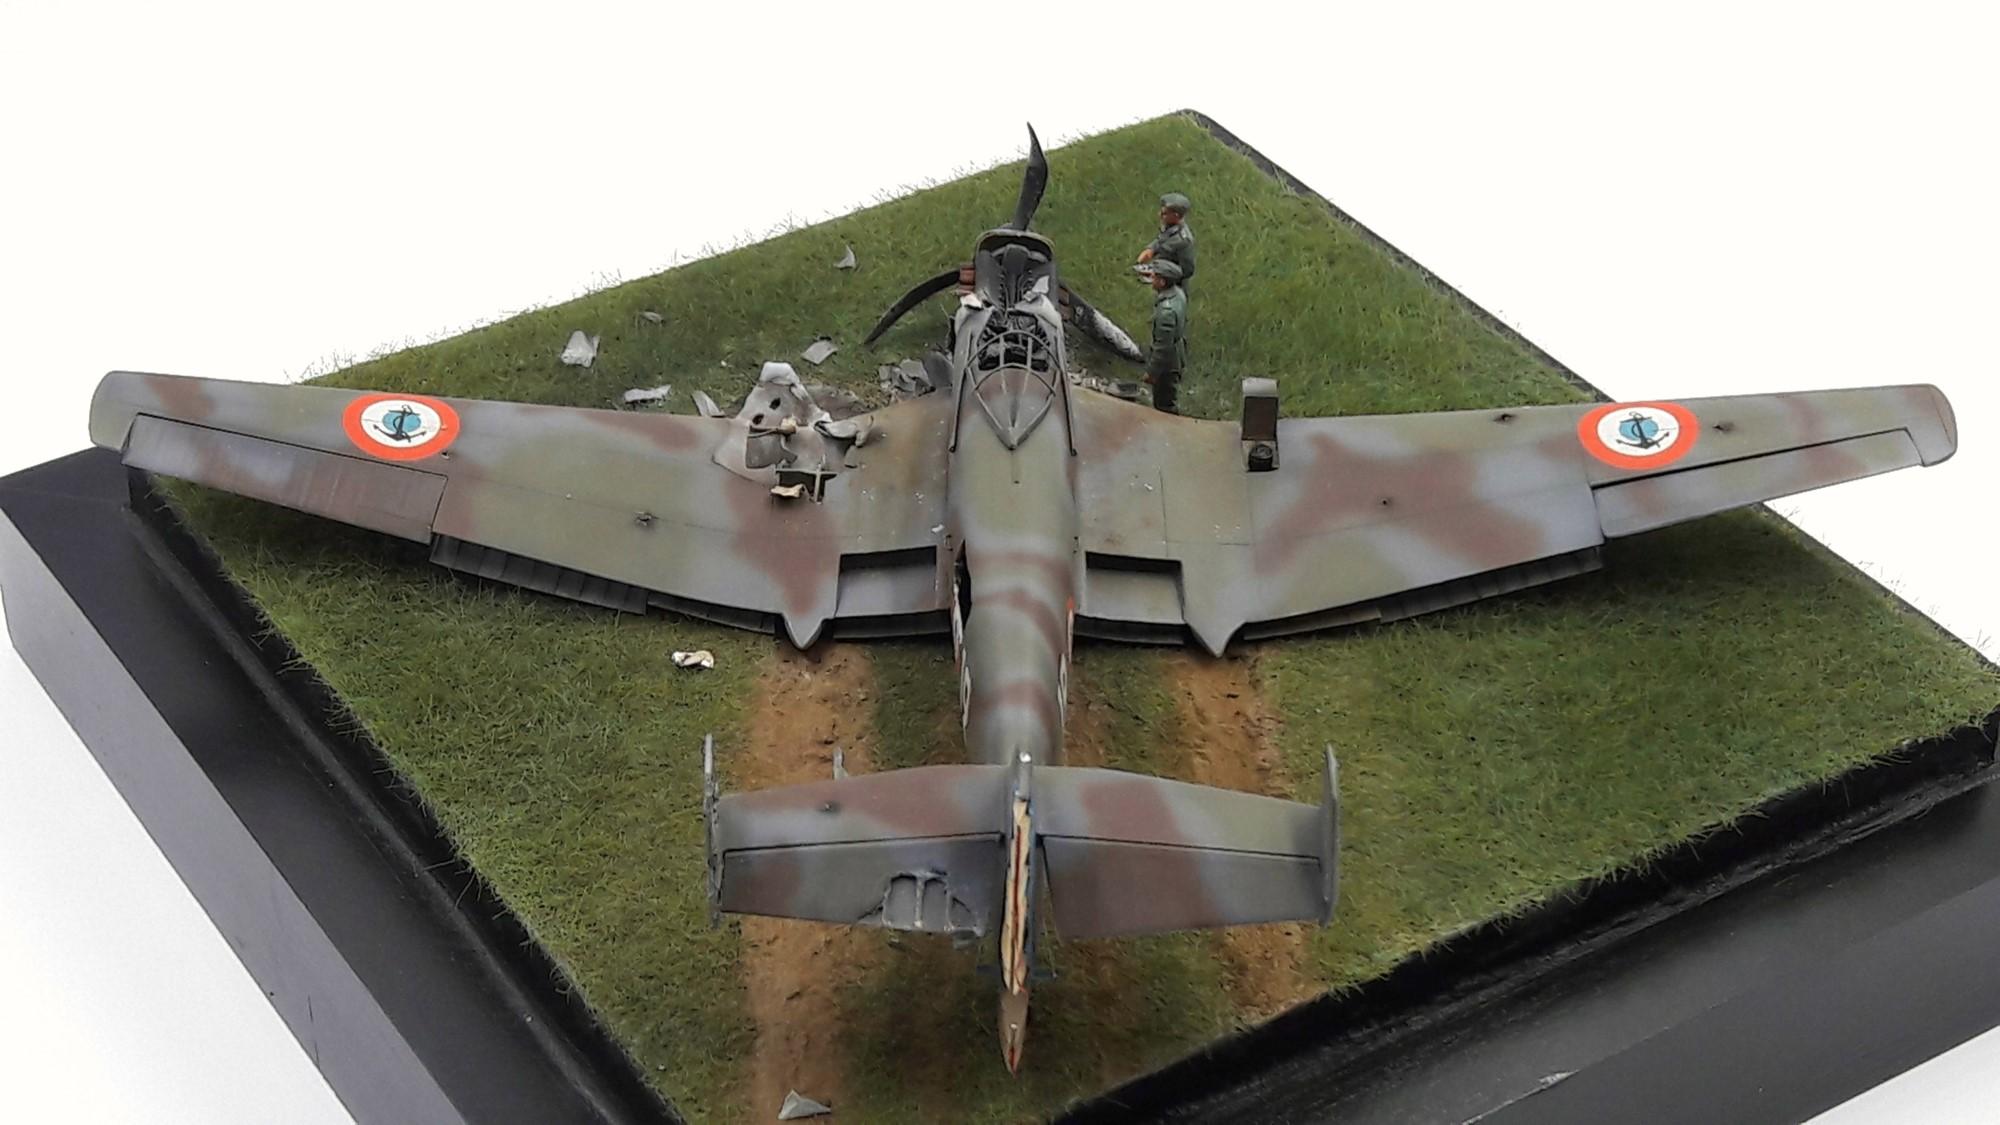 [Concours Aéronavale] Loire Nieuport 401/411 -  Special hobby 1/48 - crash à Villereau -le sacrifice des marins aviateurs du 19 mai 1940 - Mission Berlaimont  Image487